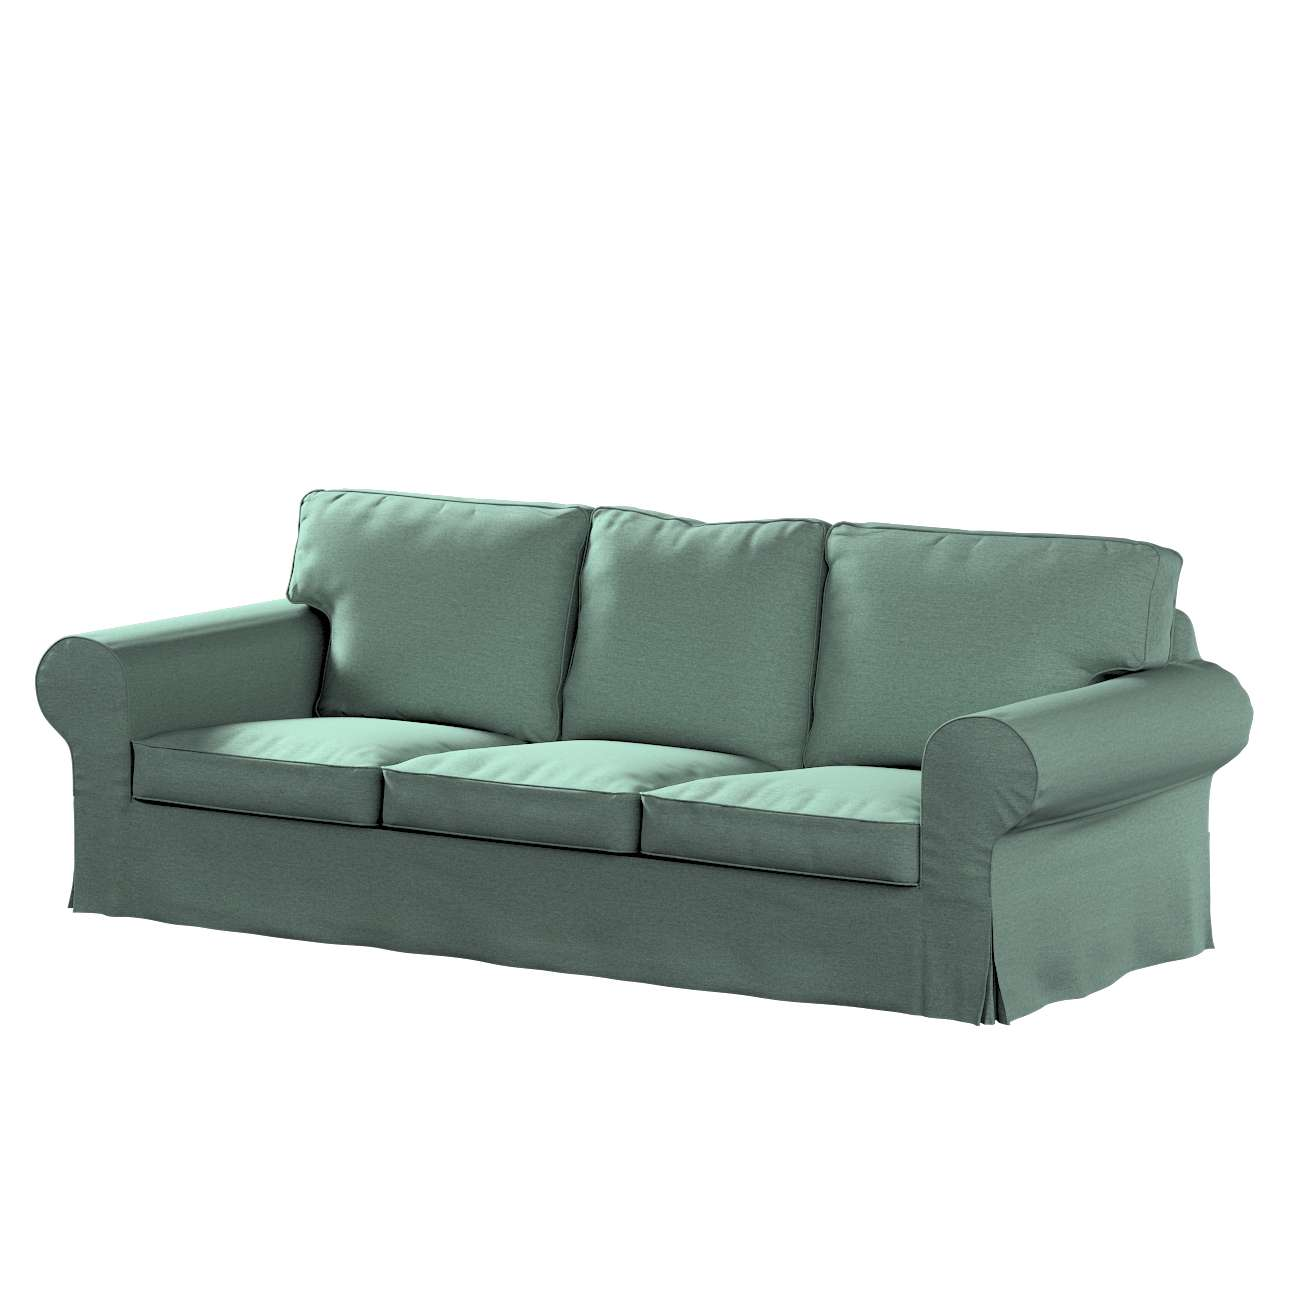 Pokrowiec na sofę Ektorp 3-osobową, rozkładaną, PIXBO w kolekcji Madrid, tkanina: 161-89